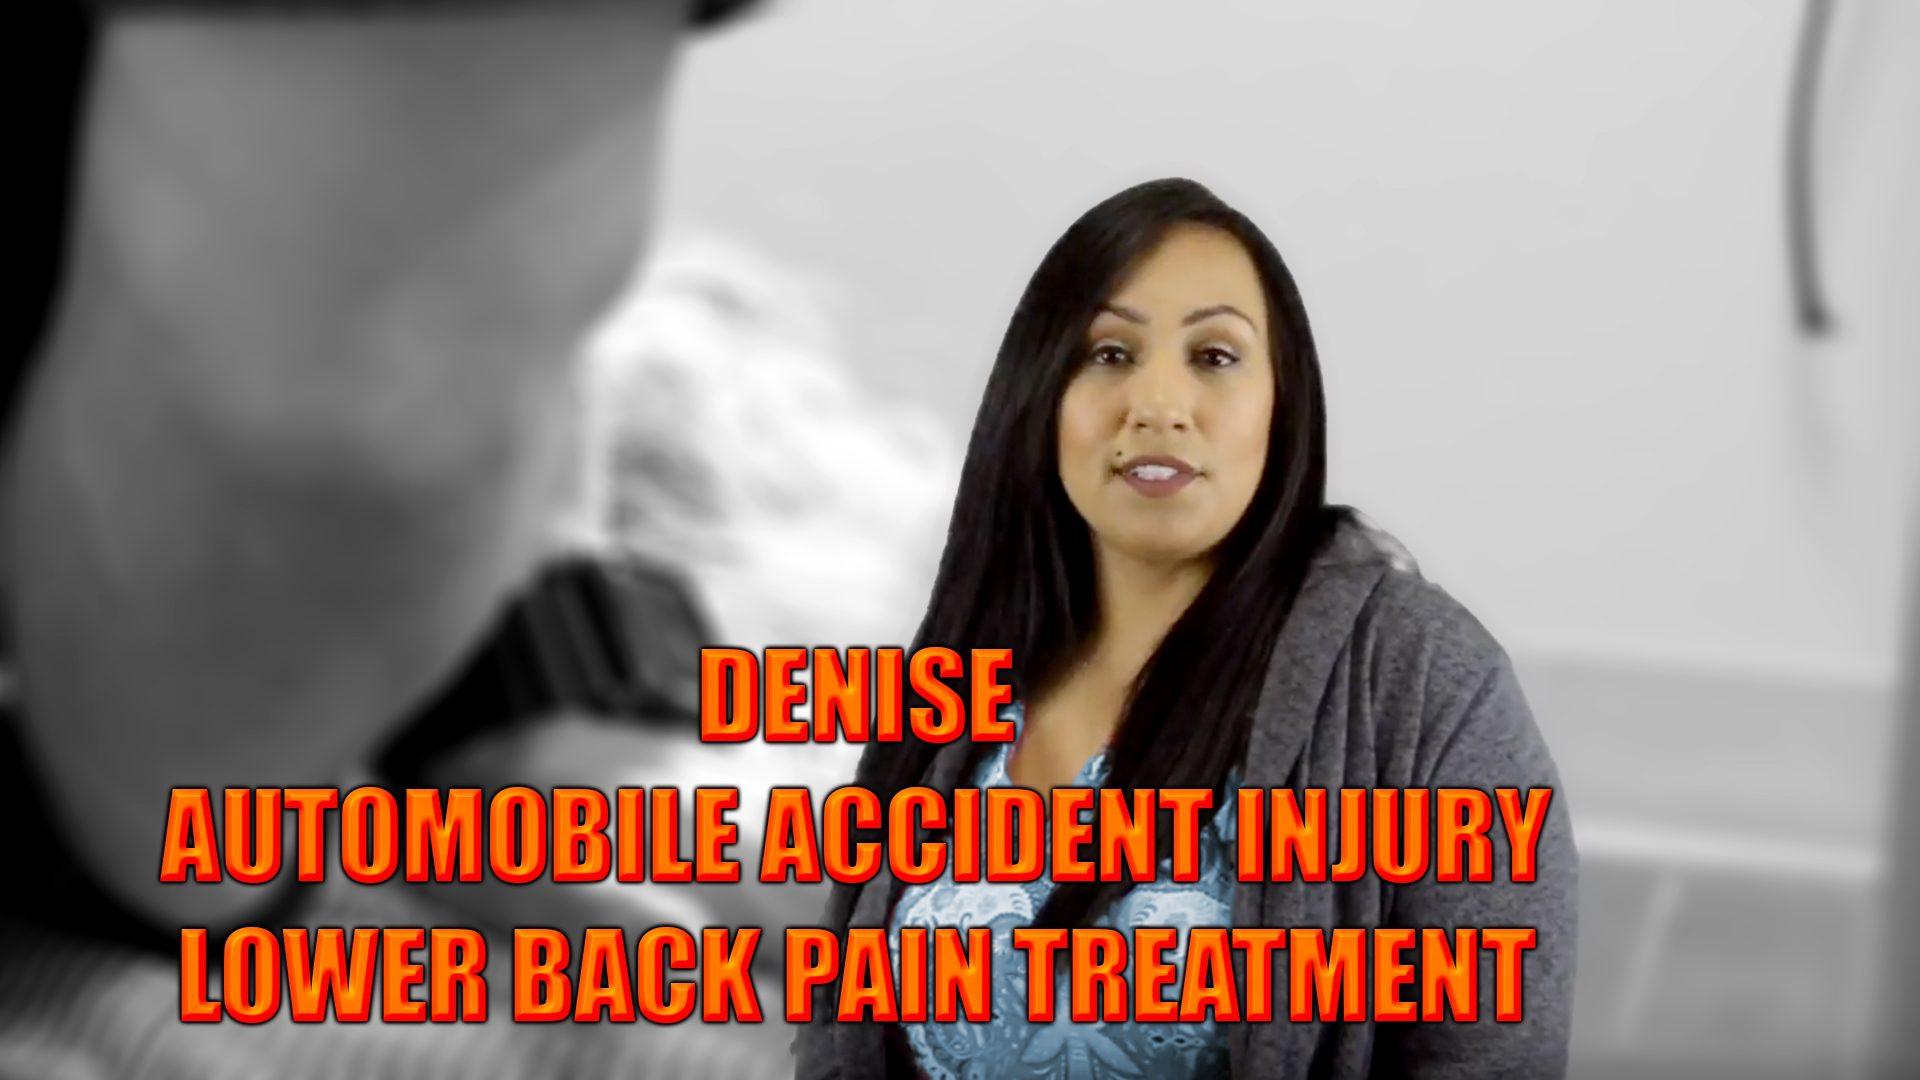 tratamiento del dolor de la parte baja de la espalda el paso, tx.